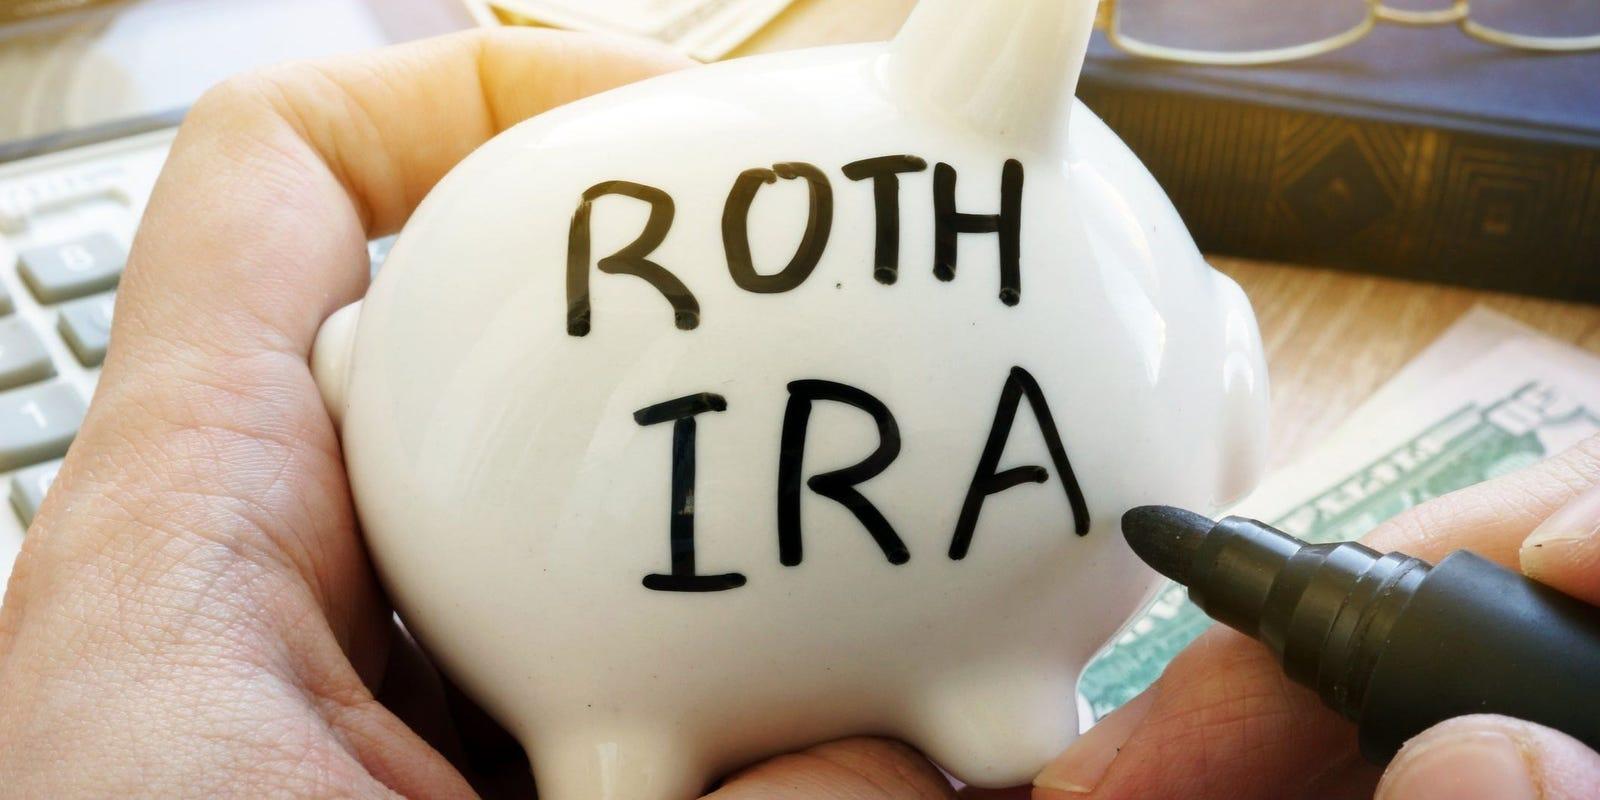 Pitfalls of Roth IRA conversions